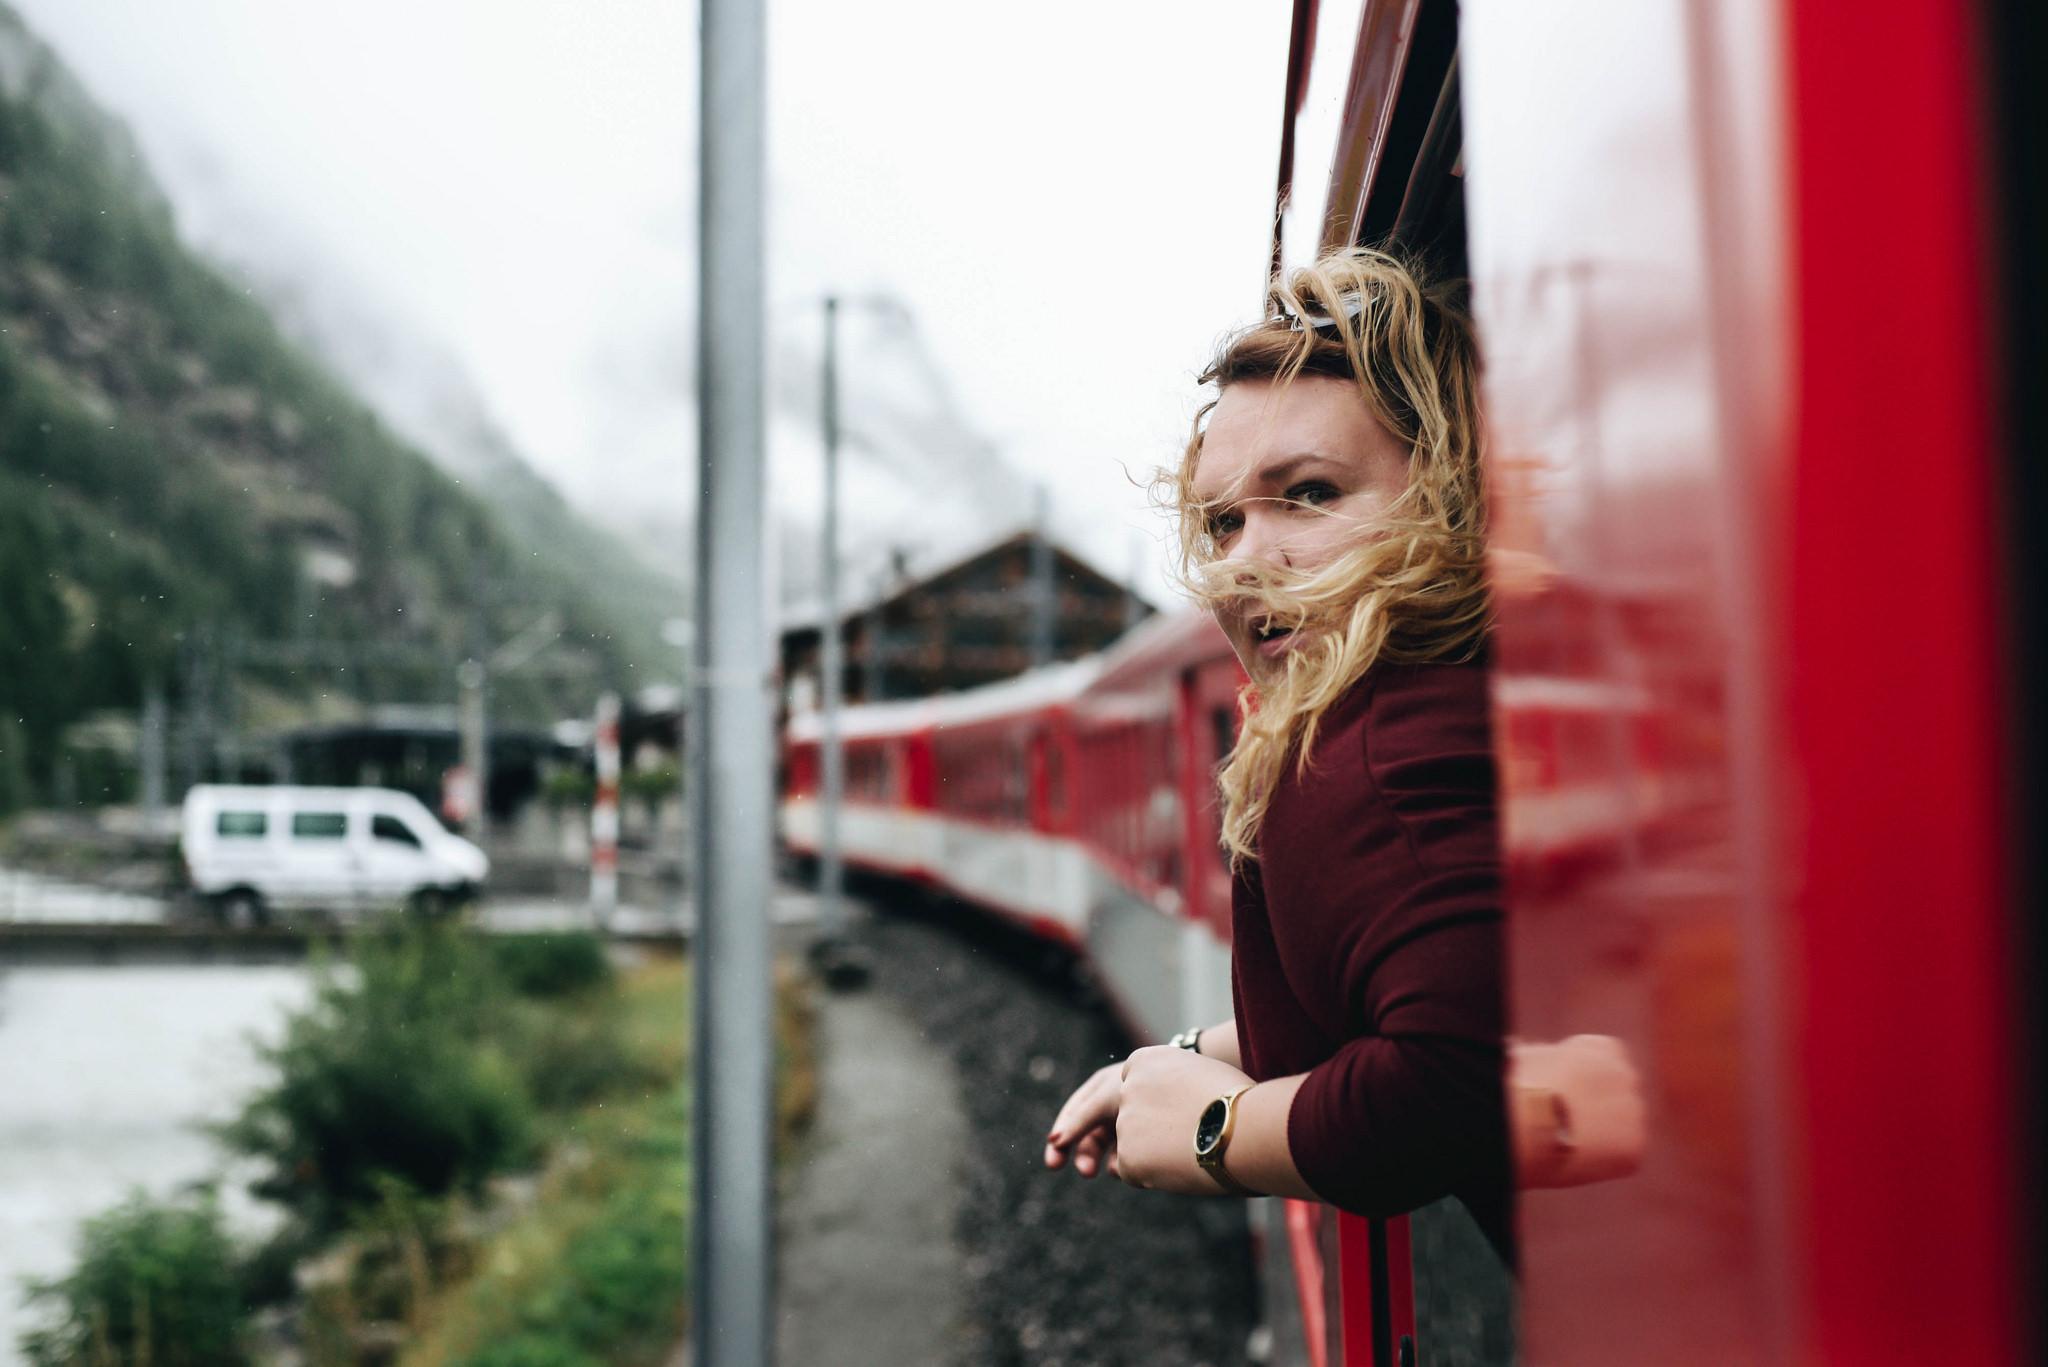 Veera catching the views on a blogger adventure through Zermatt, Switzerland. Photo credit: Rania Rönntoft